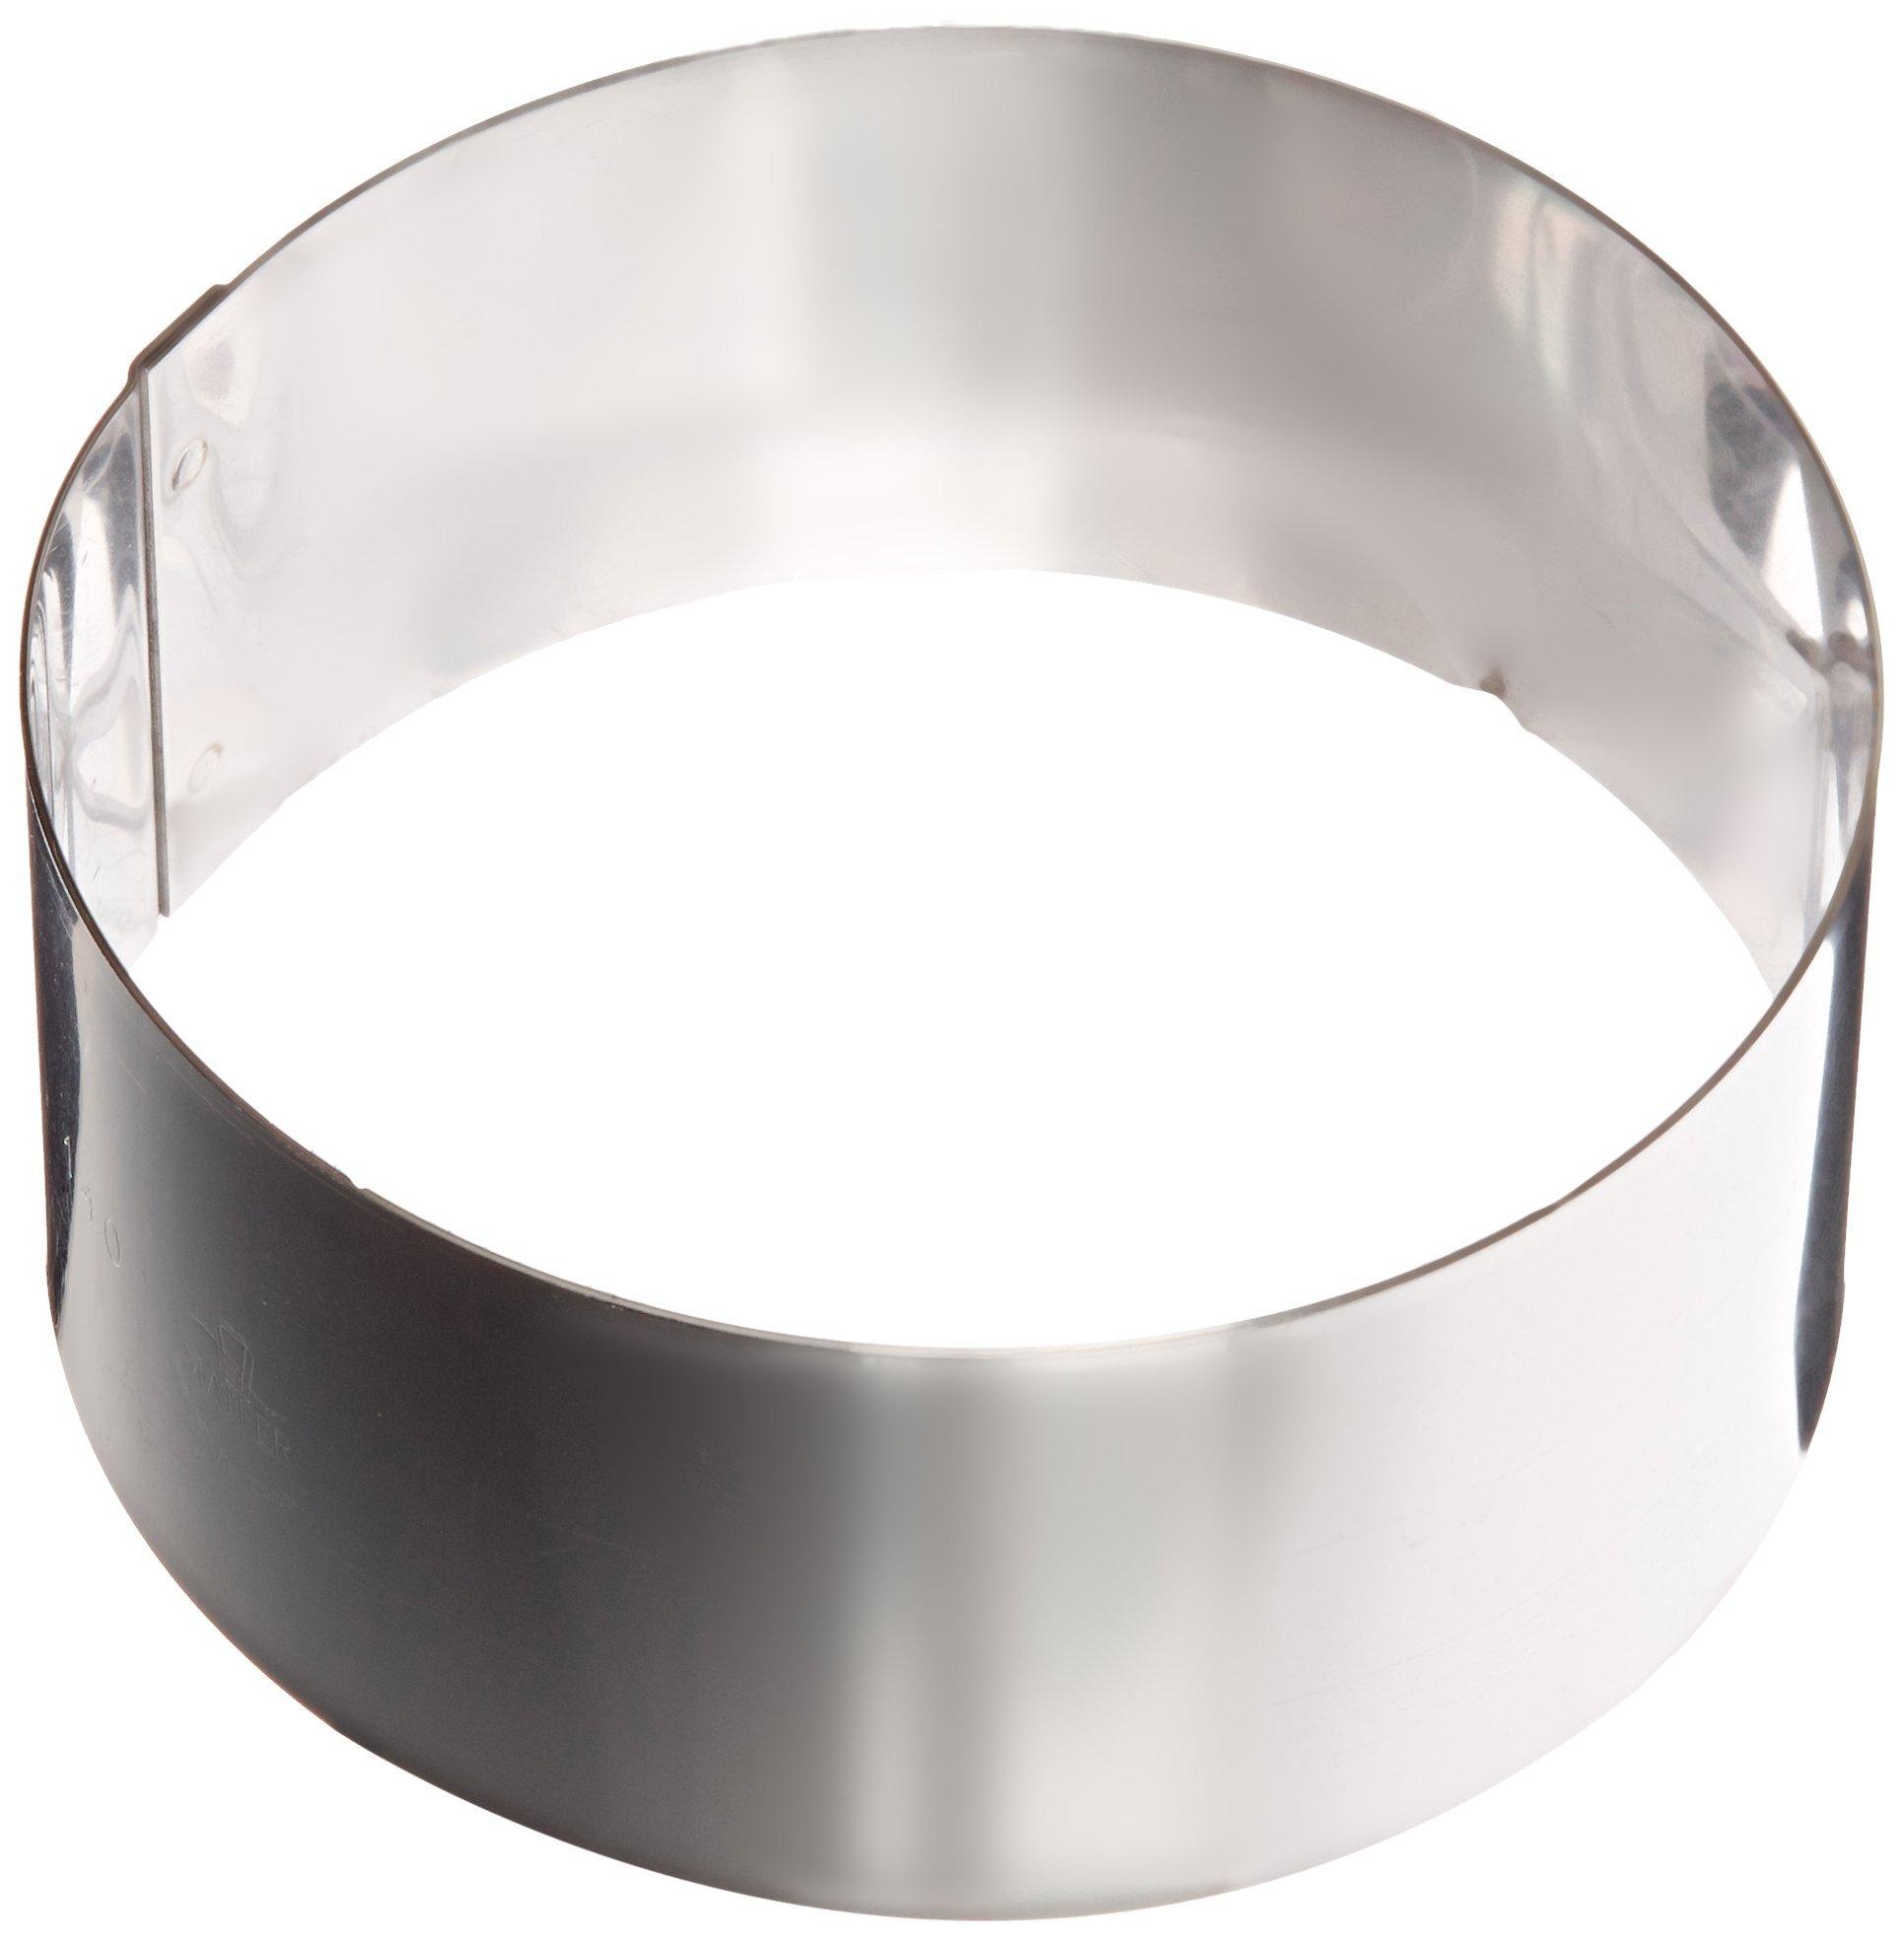 Matfer Bourgeat 371802 Ice Cake Ring, Silver